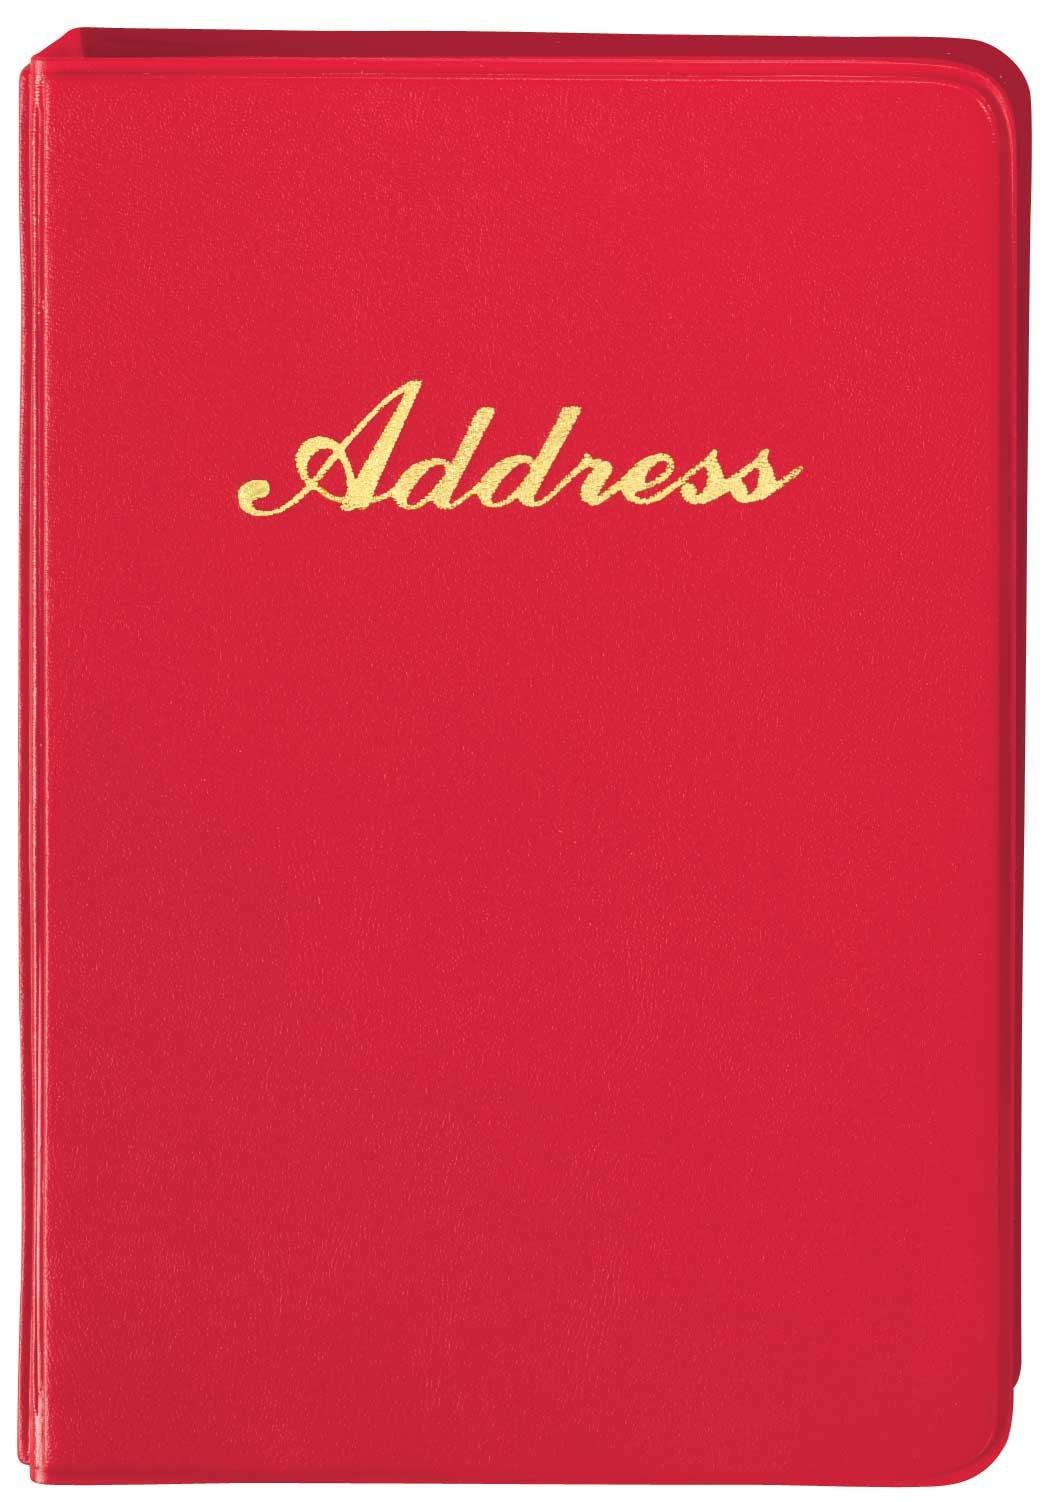 Desktop Address Book